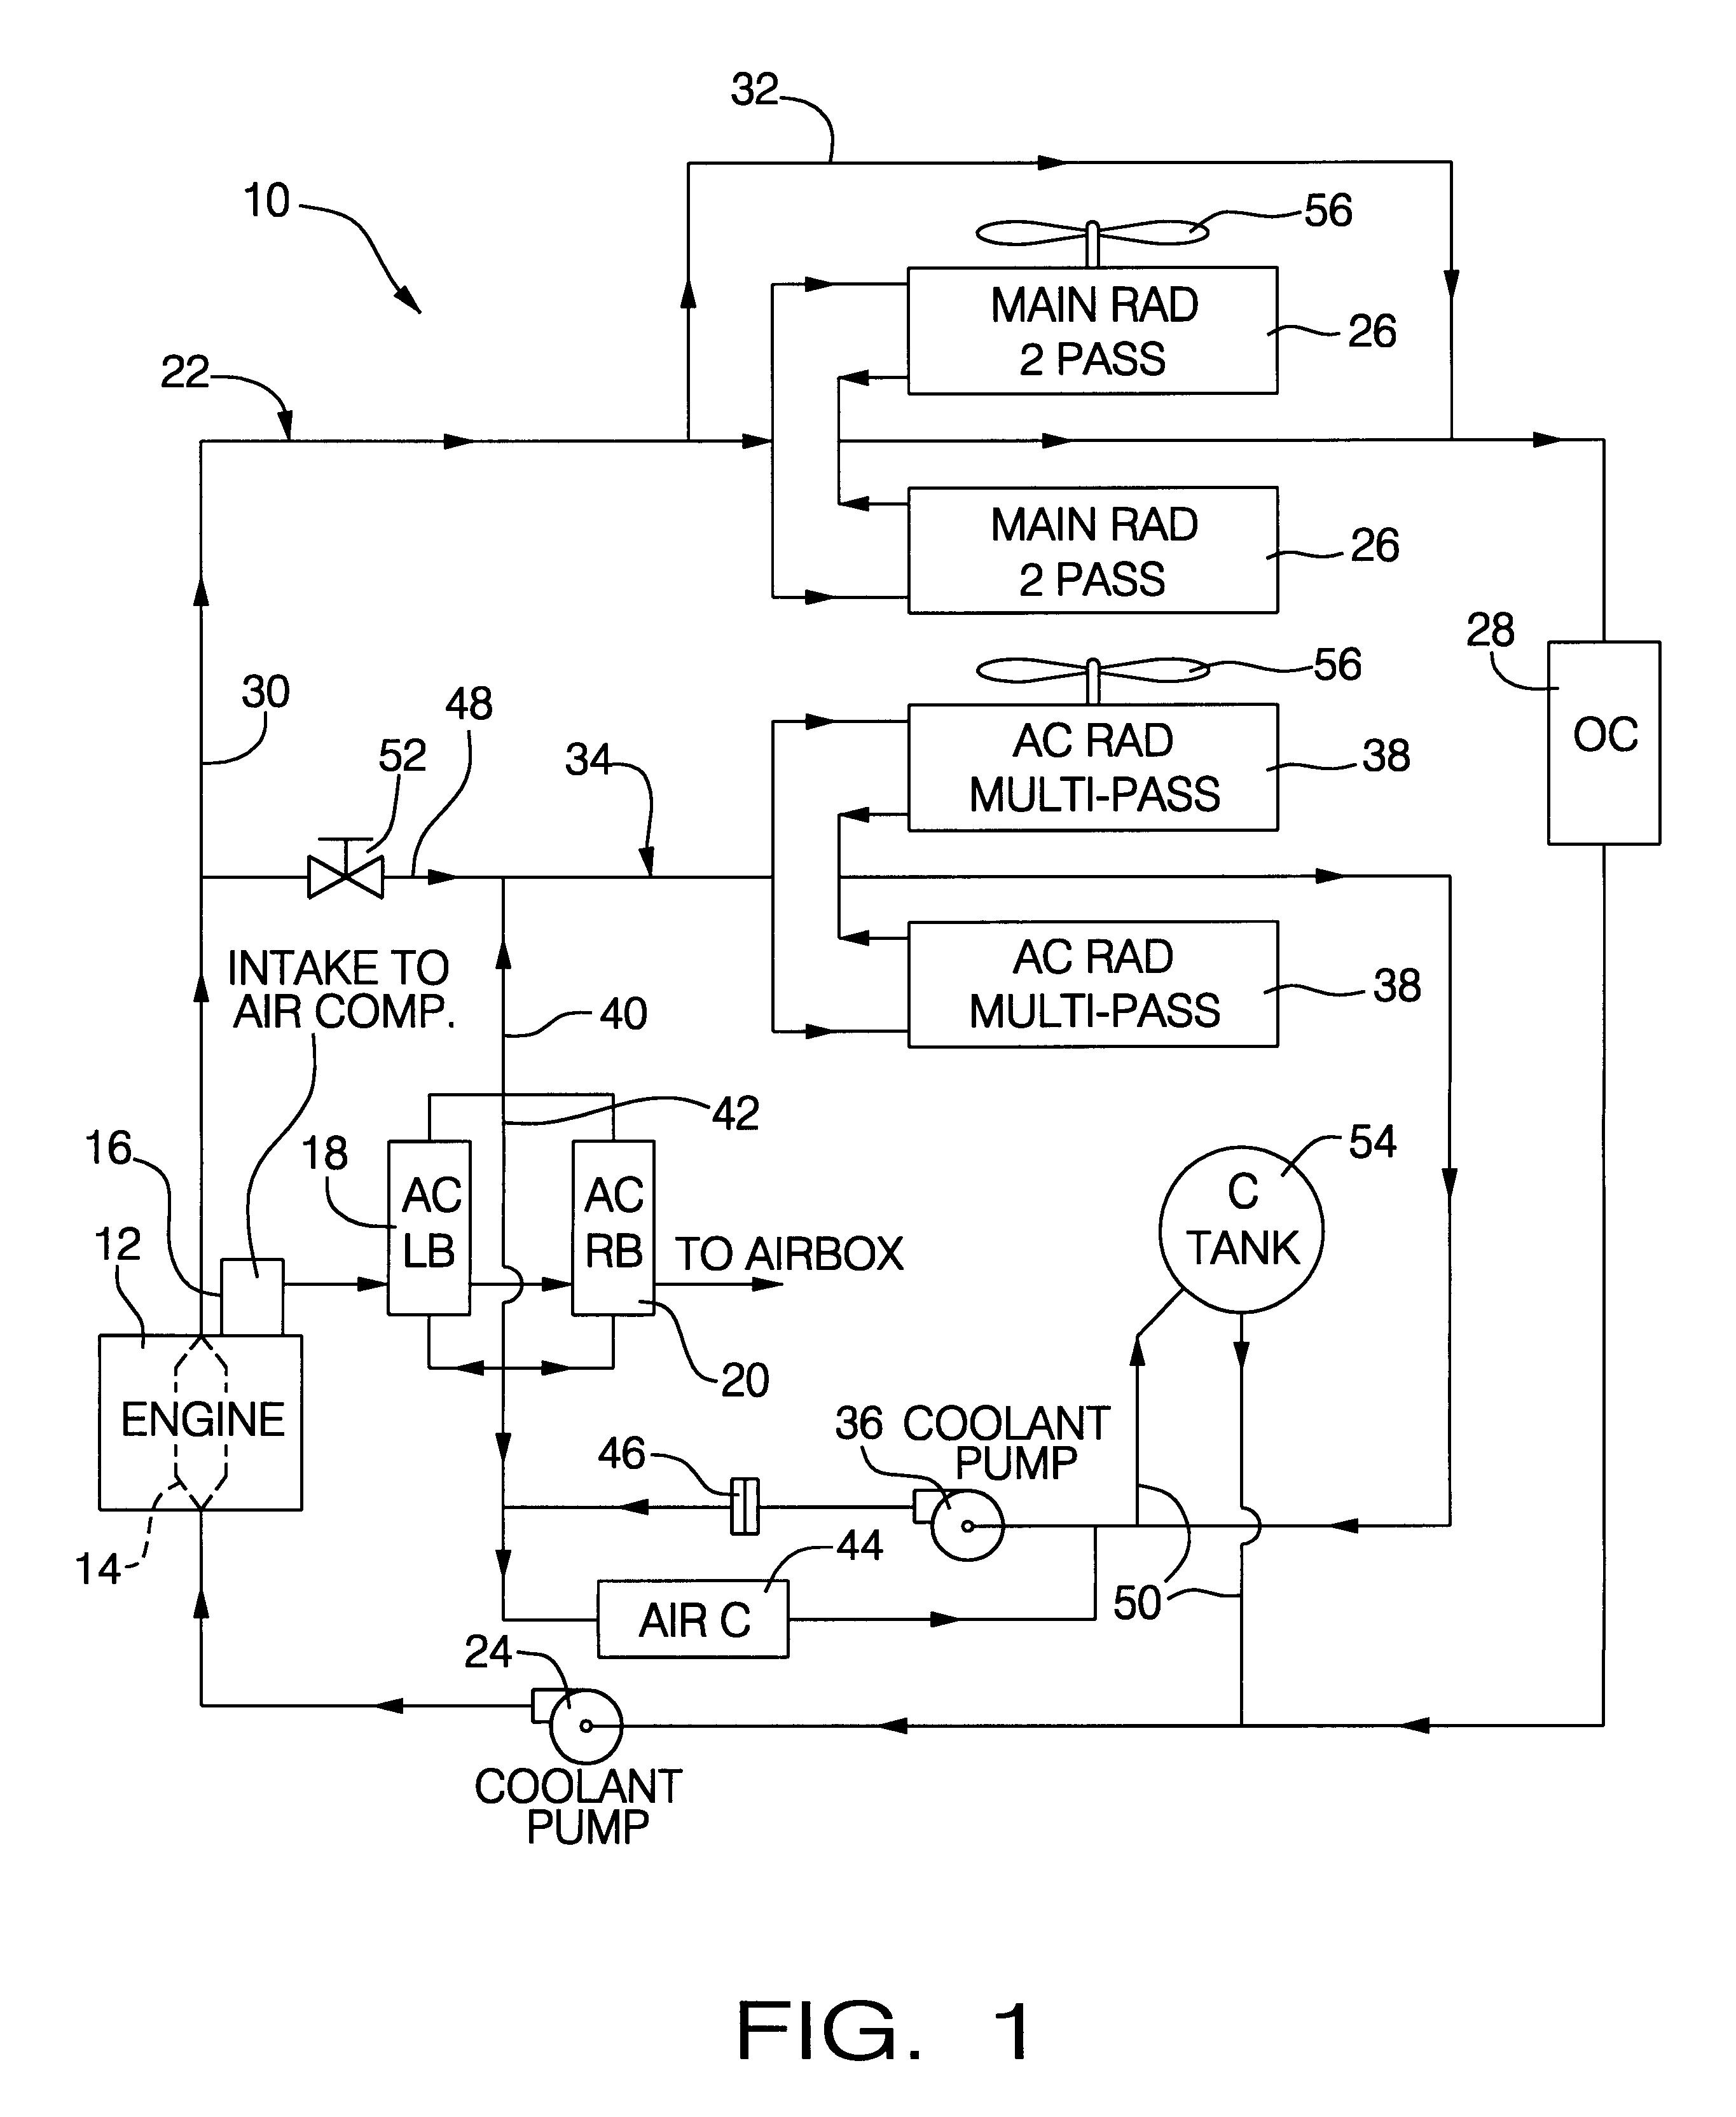 Electric Fan Wiring Diagram : Zirgo electric fan wiring diagram electrical schematic